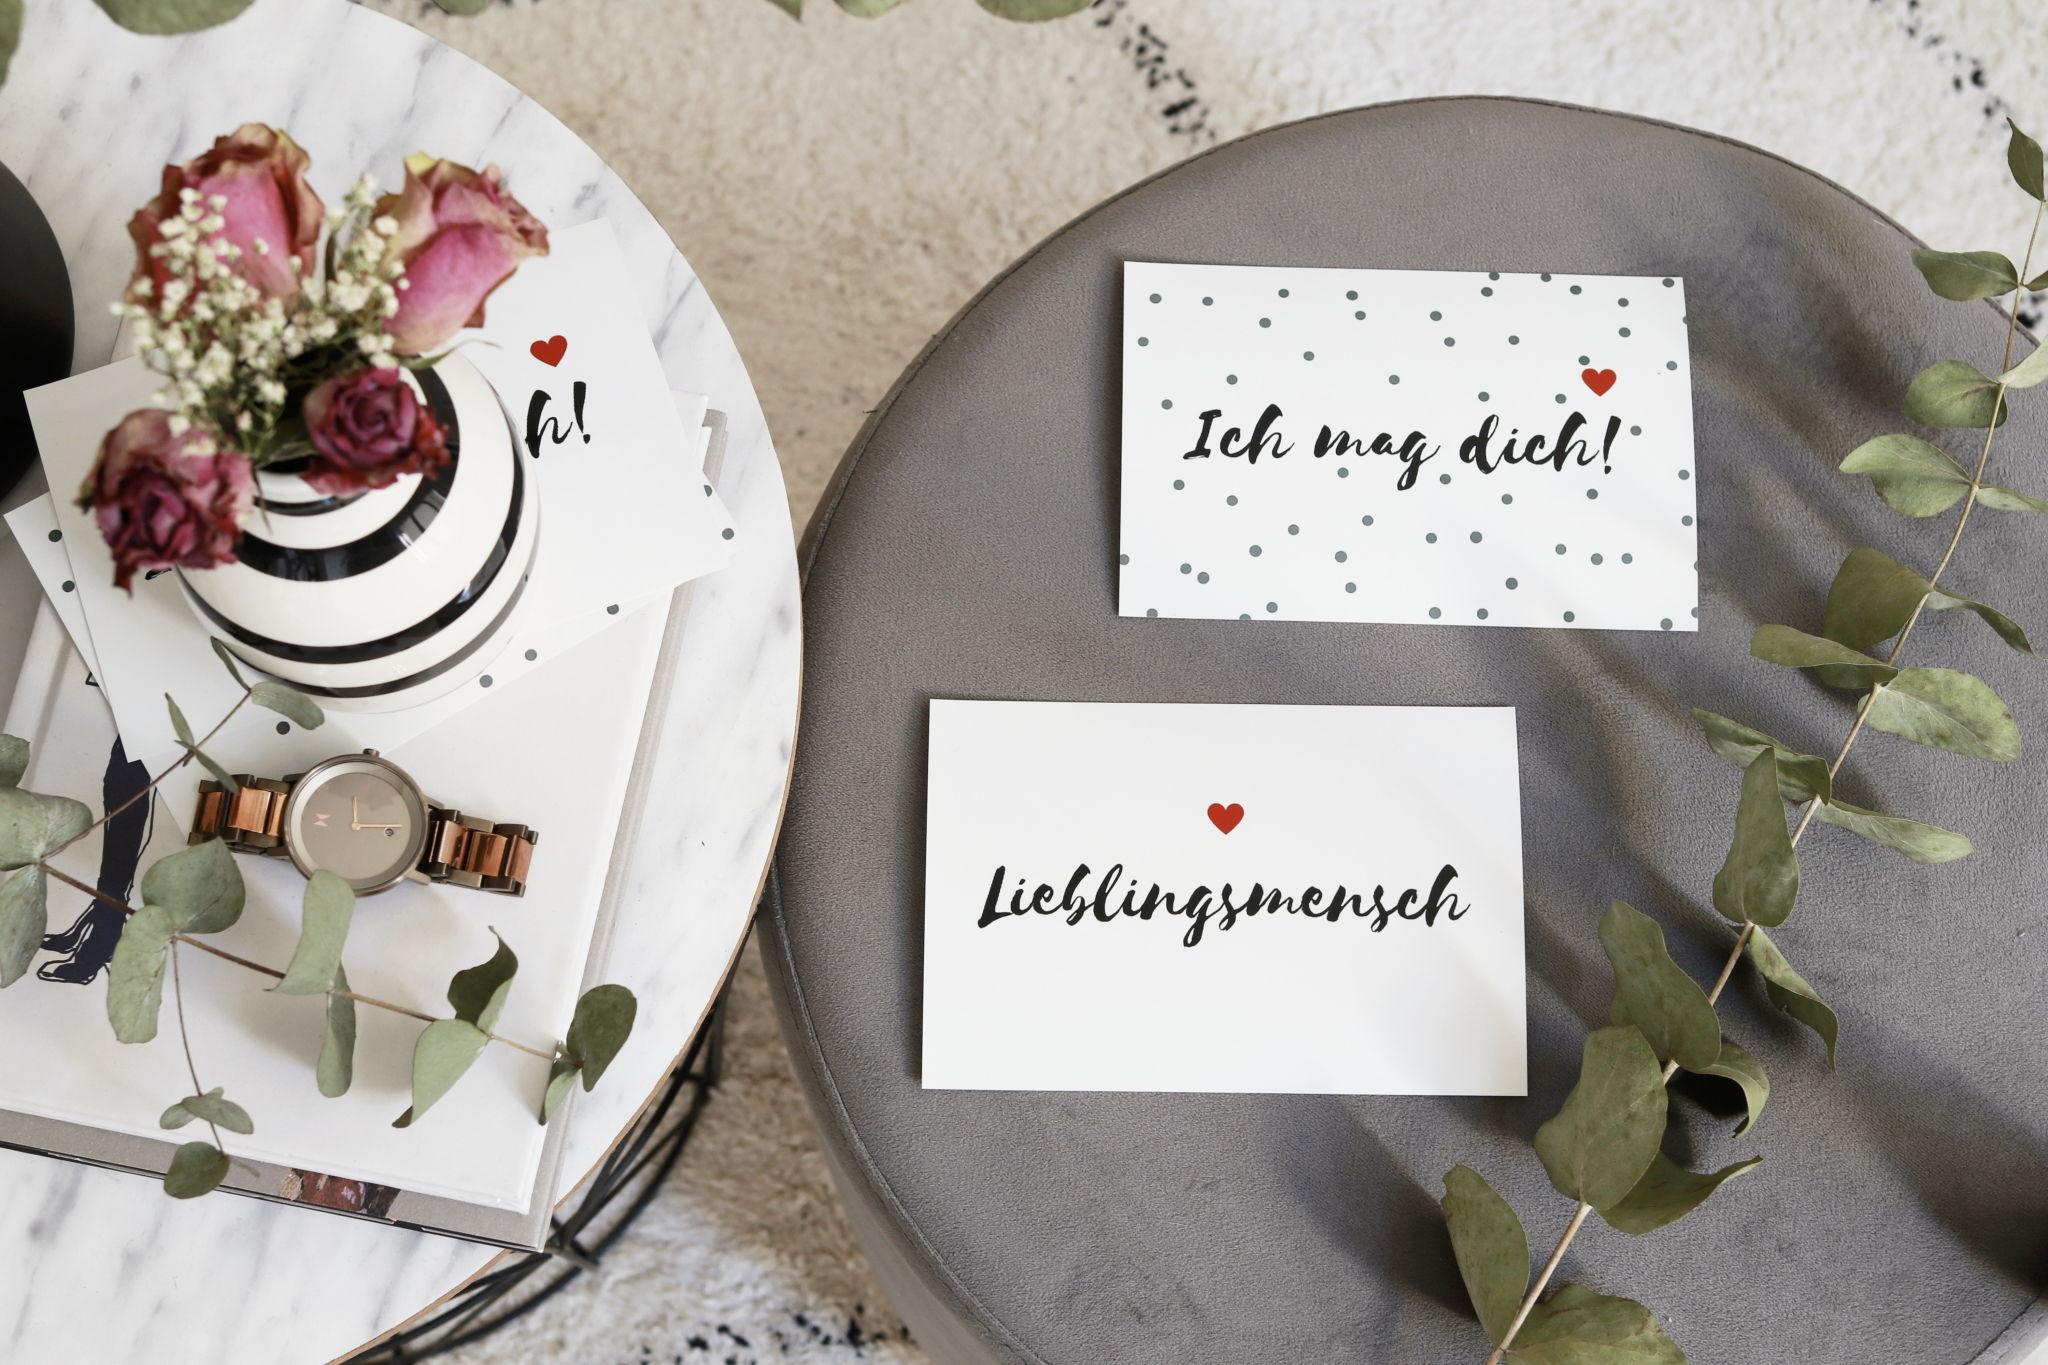 """Hübsche Valentinstagskarten zum Gratis-Download """"Lieblingsmensch"""" und """"Ich mag dich!"""" - minimaoistisches Design für Verliebte"""